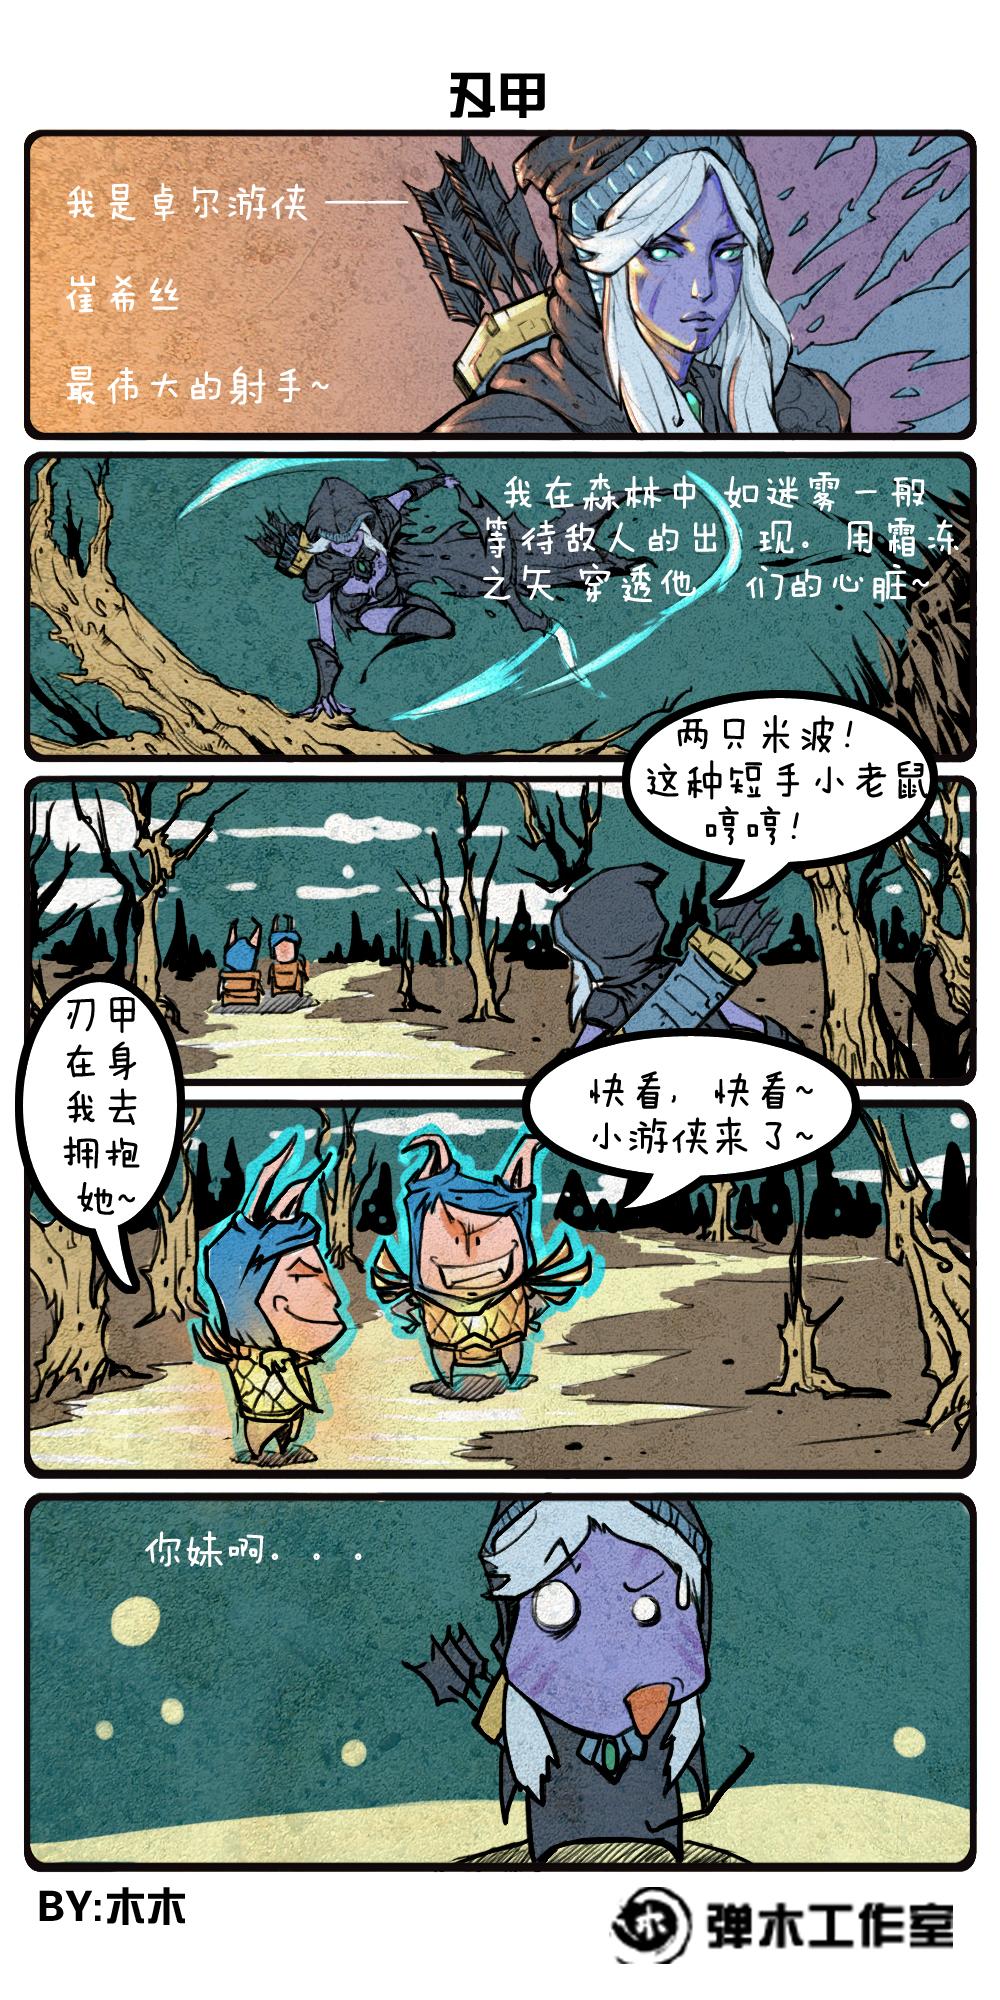 dota2小黑四格漫画